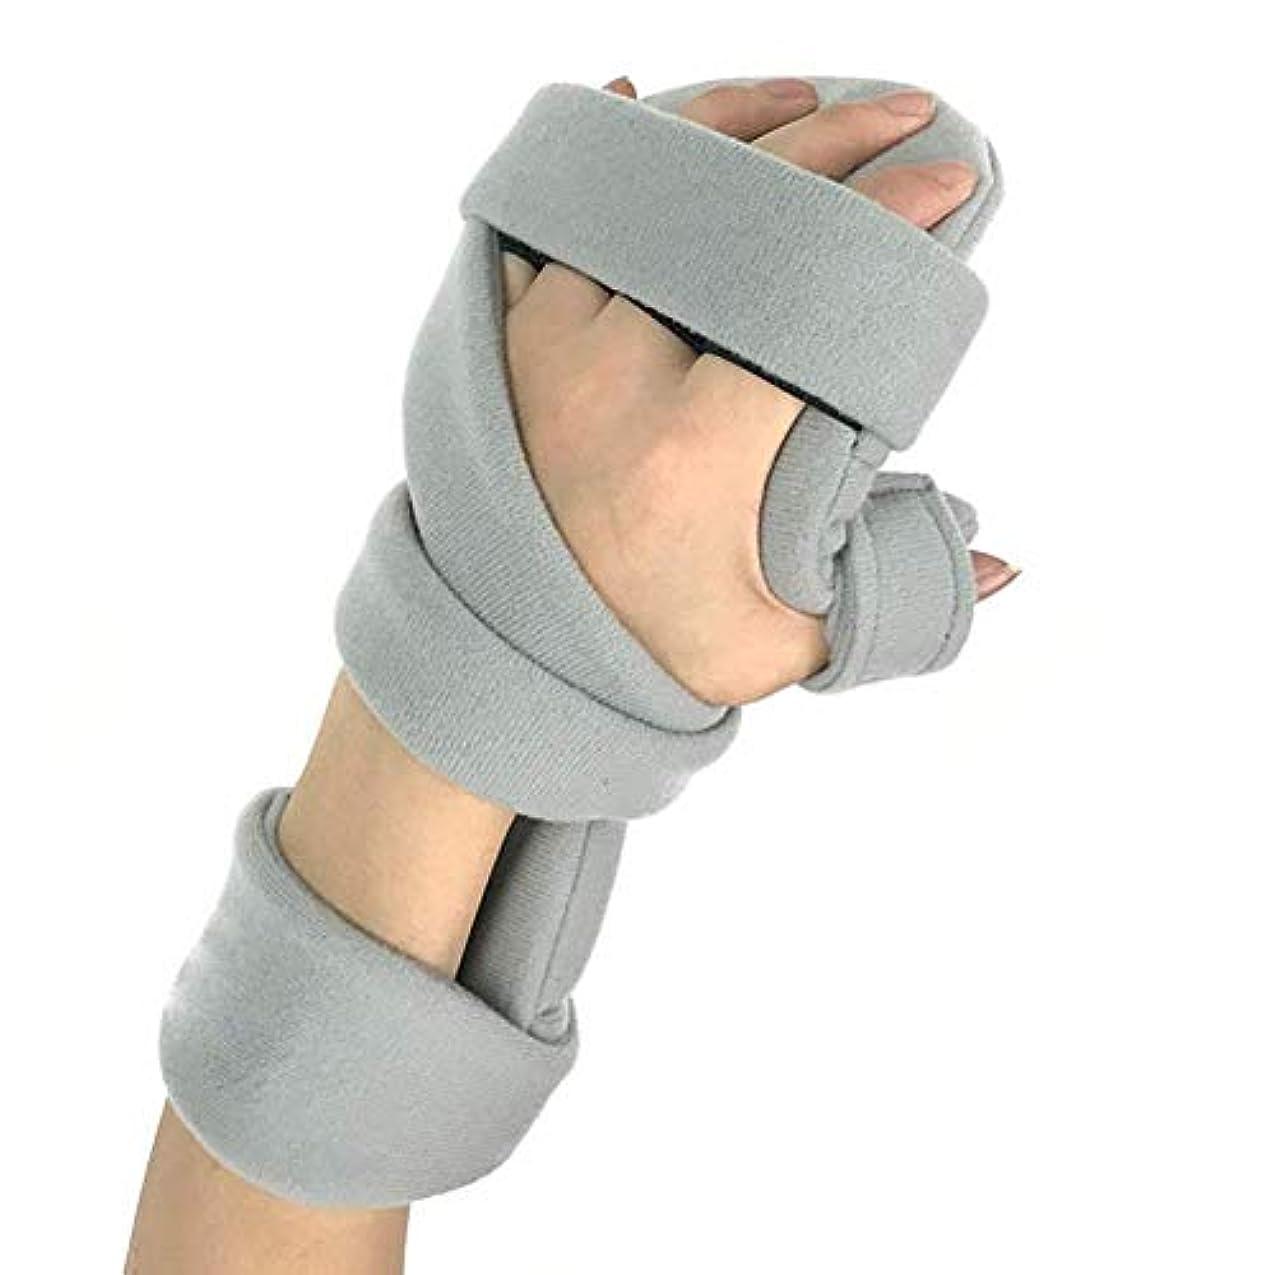 ボタンモス布手の添え木、リハビリテーションの指板調節可能な手のサポート手首の手首の骨折の固定保護装置の添え木の整形外科の訂正の支柱 (Color : Right)